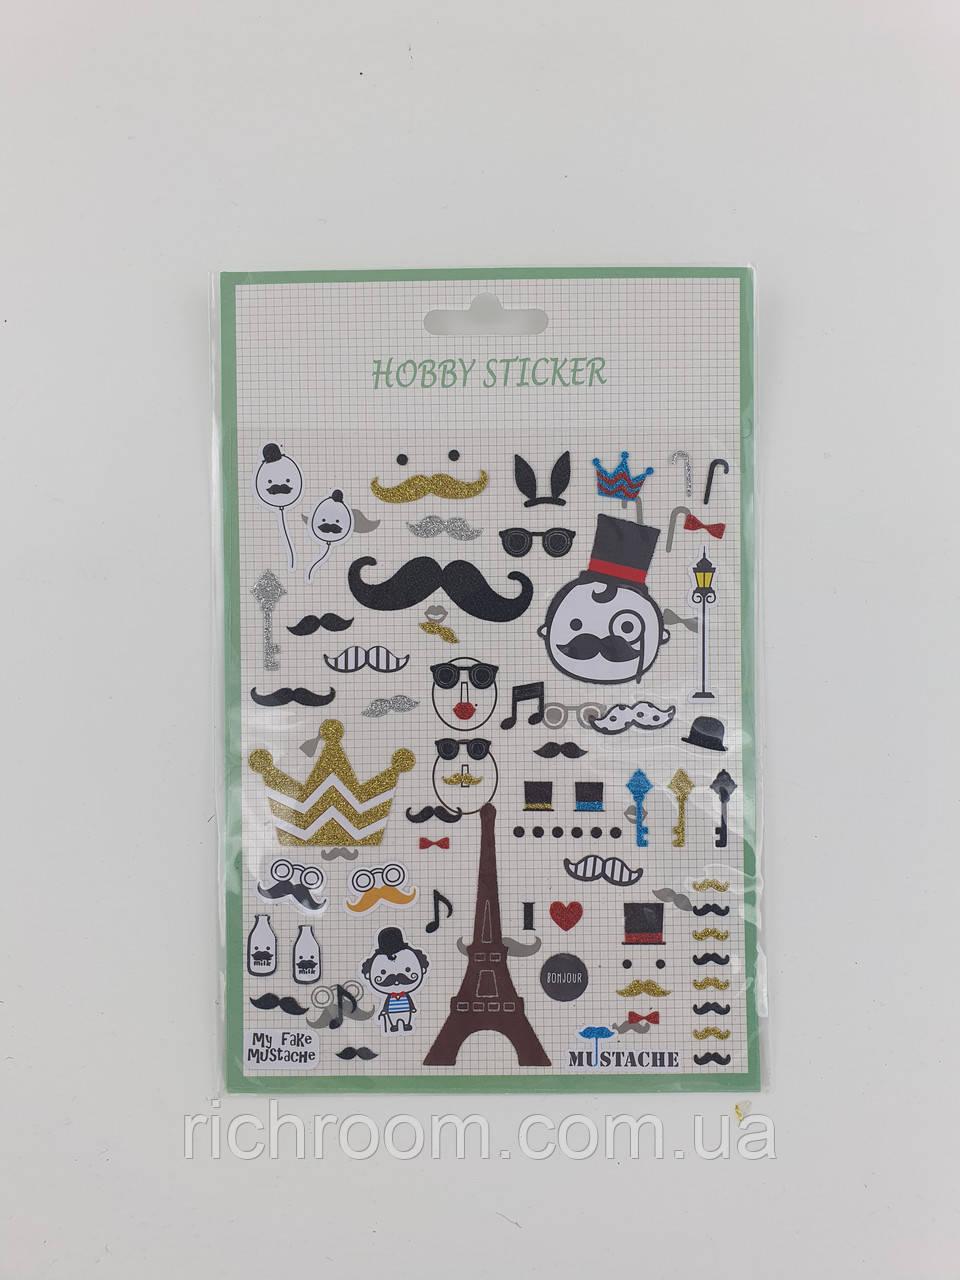 Наклейки, стикеры Hobby Flora, набор наклеек для творчества 13 х 20 см